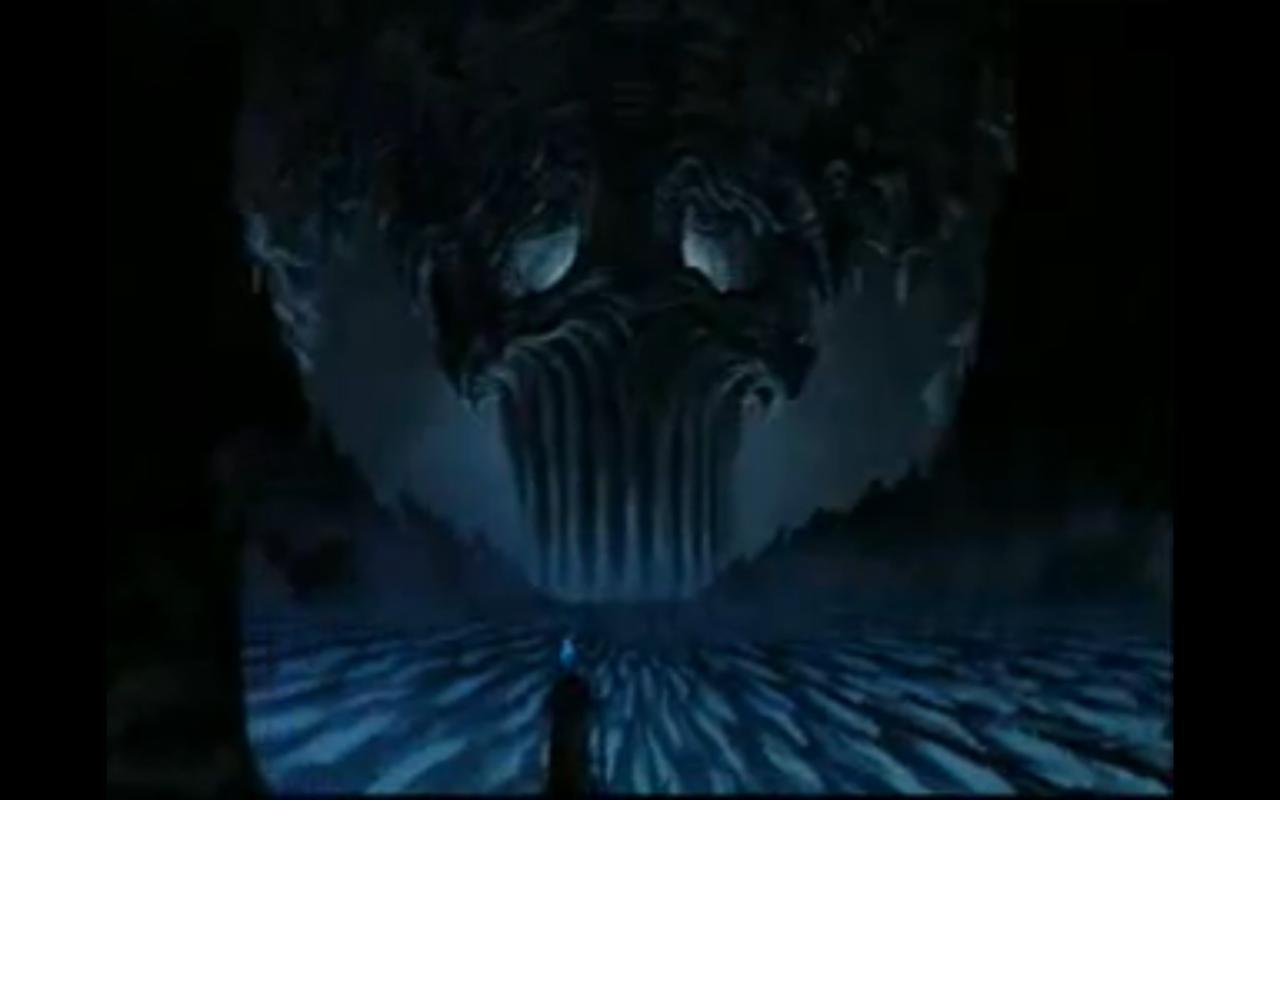 Hades Underworld Disney Pictures